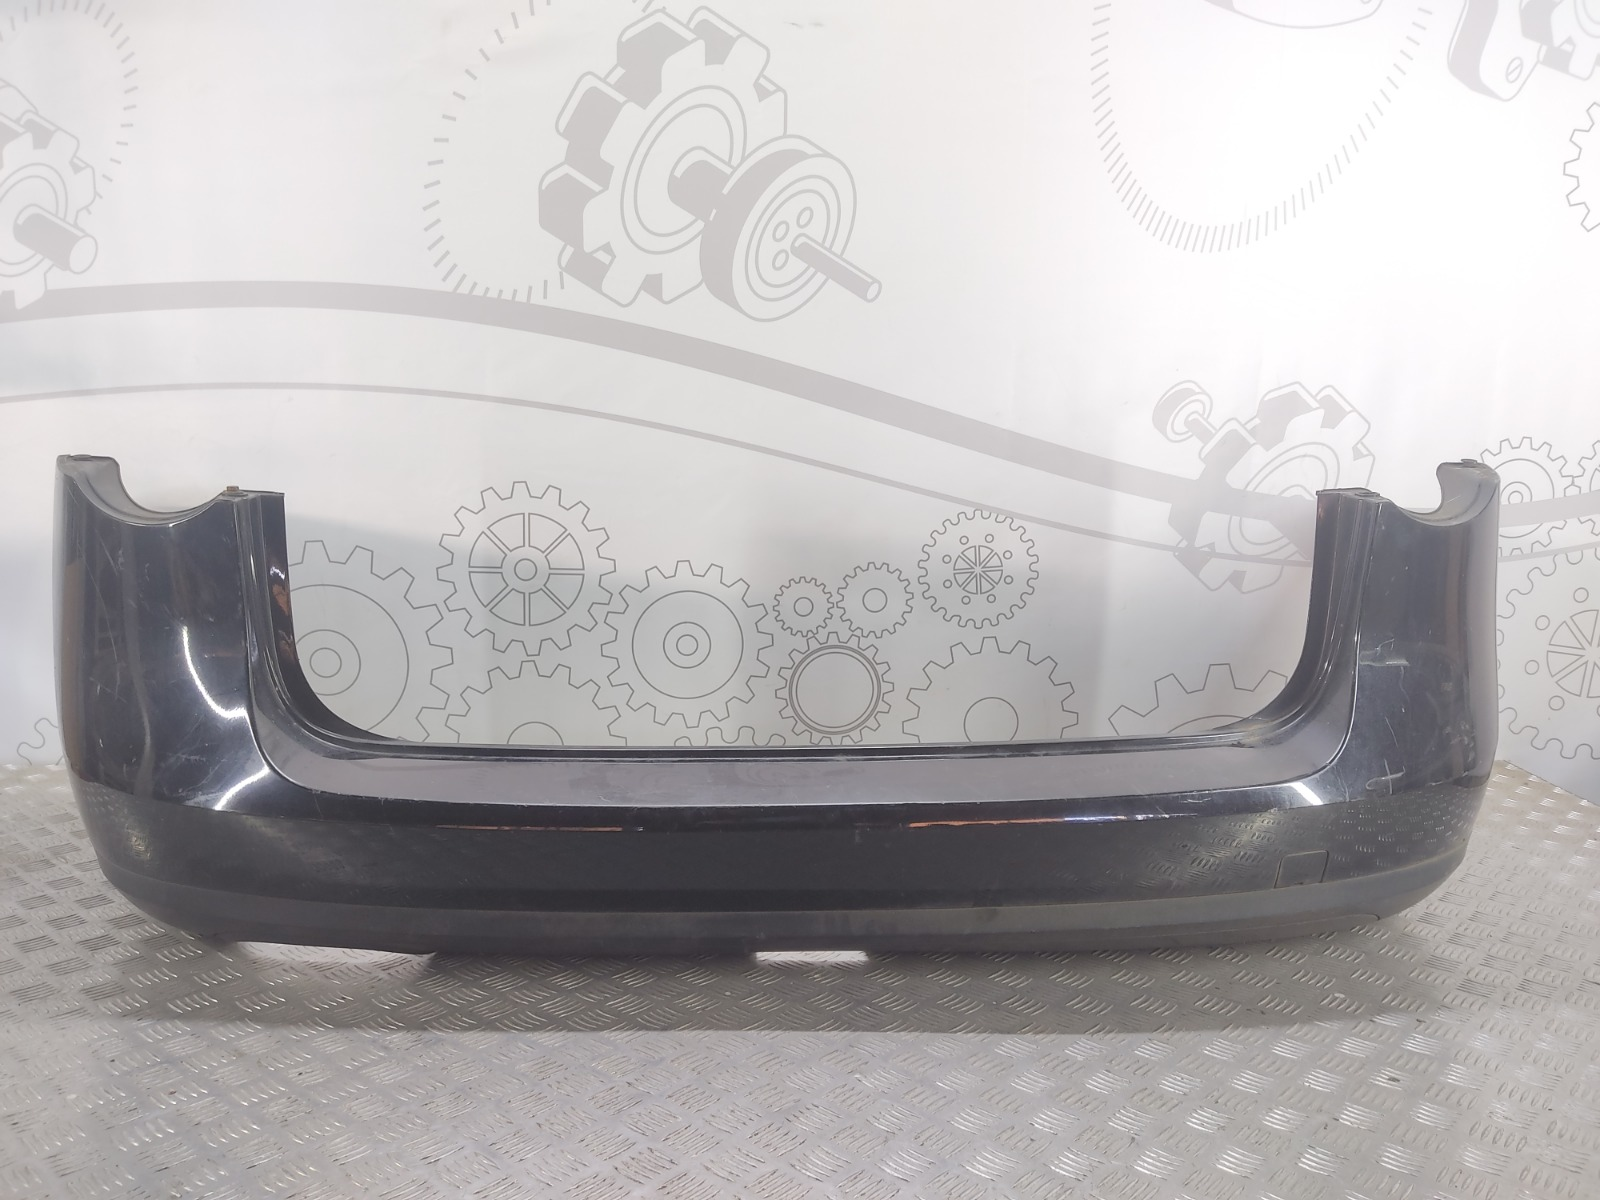 Бампер задний Volkswagen Passat B6 2.0 TDI 2007 (б/у)